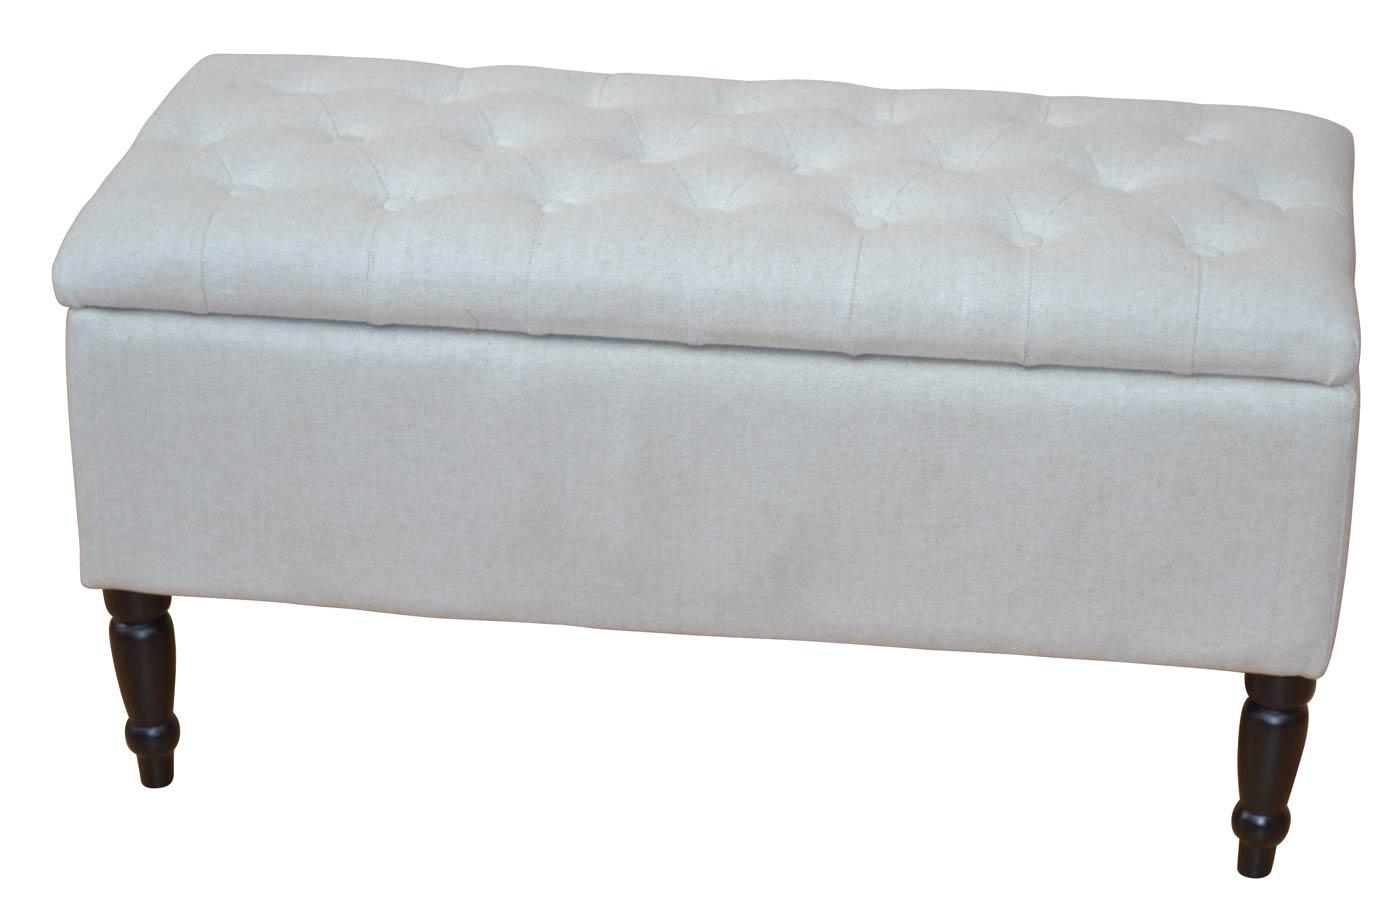 Full Size of Gepolsterte Sitzbank H31 Bett Garten Küche Mit Lehne Schlafzimmer Gepolstertem Kopfteil Bad Wohnzimmer Gepolsterte Sitzbank